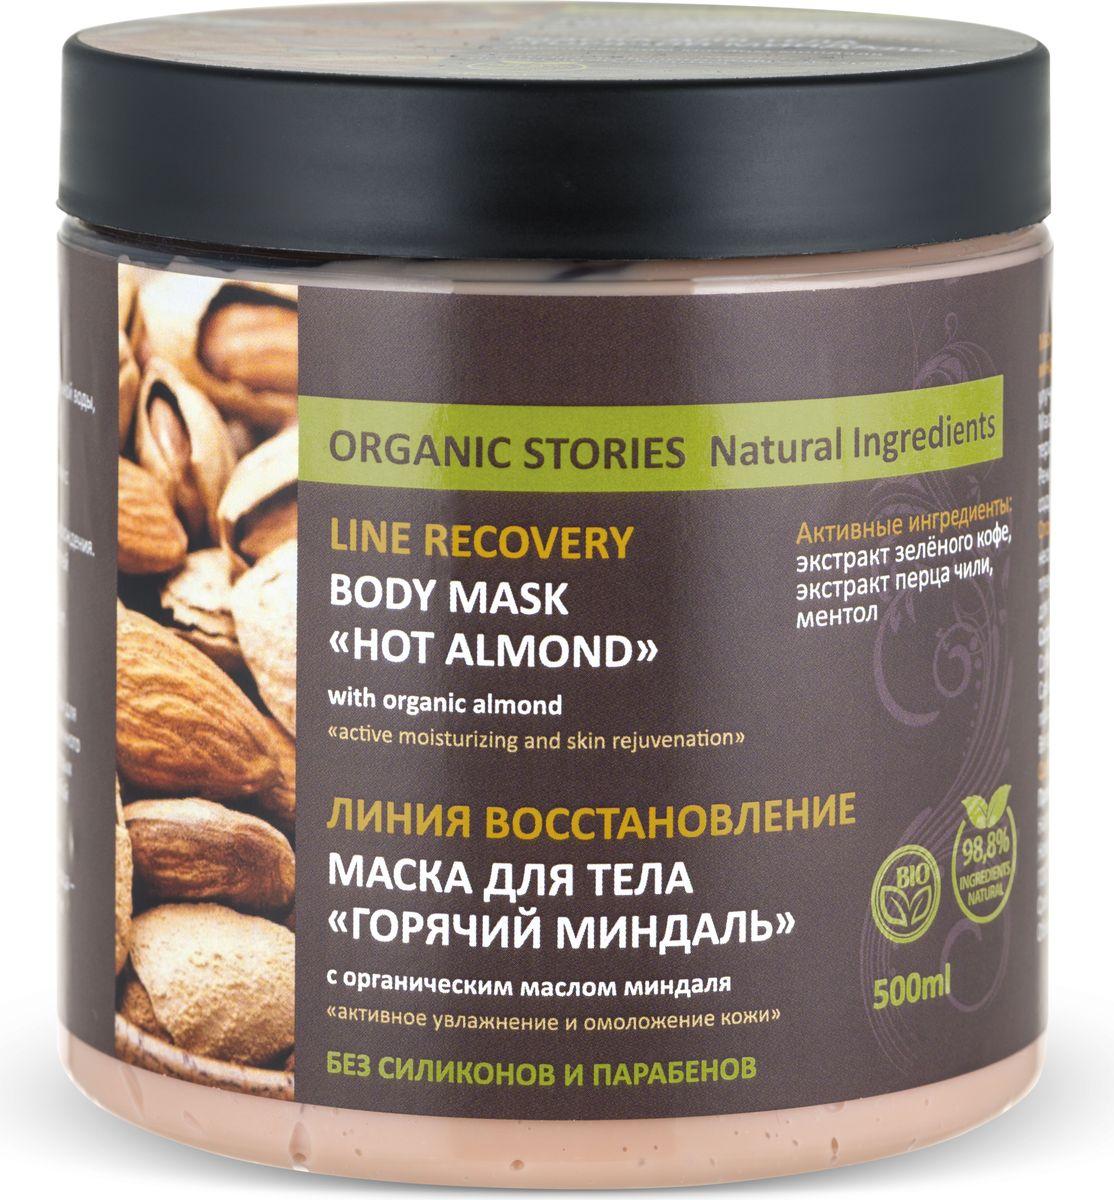 Organic Stories Маска для тела Горячий миндаль с органическим маслом миндаля Активное увлажнение и омоложение кожи, 500 мл4631140072815Маска для тела Активное увлажнение и омоложение кожи горячий миндаль. Содержит водные экстракты, способствует питанию кожи и улучшению ее внешнего вида. Тонизирует, повышает эластичность кожи. Маска обладает плотной текстурой, но при этом хорошо оказывает терапевтическое действие и не оставляет после себя жирных следов. Рекомендуется в качестве еженедельного ухода за всеми типами кожи. Не содержит cиликонов.